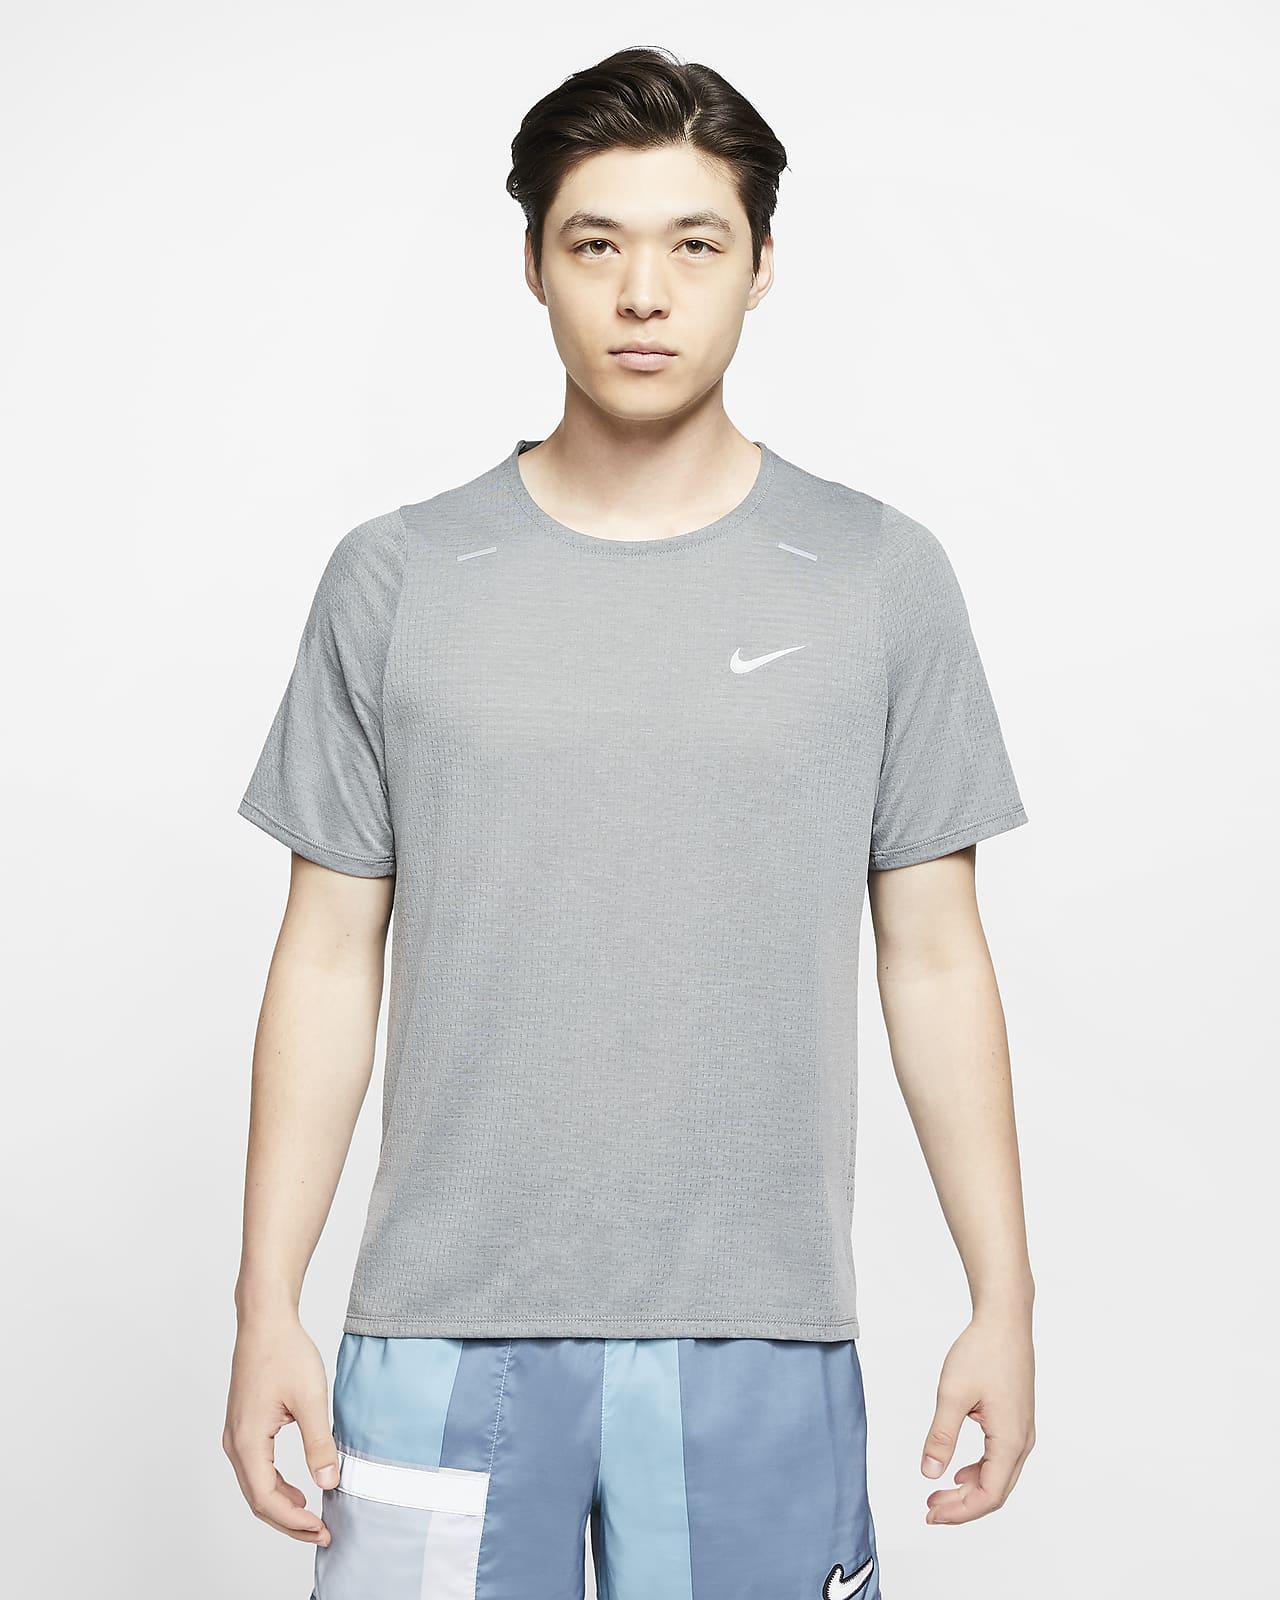 เสื้อวิ่งผู้ชาย Nike Rise 365